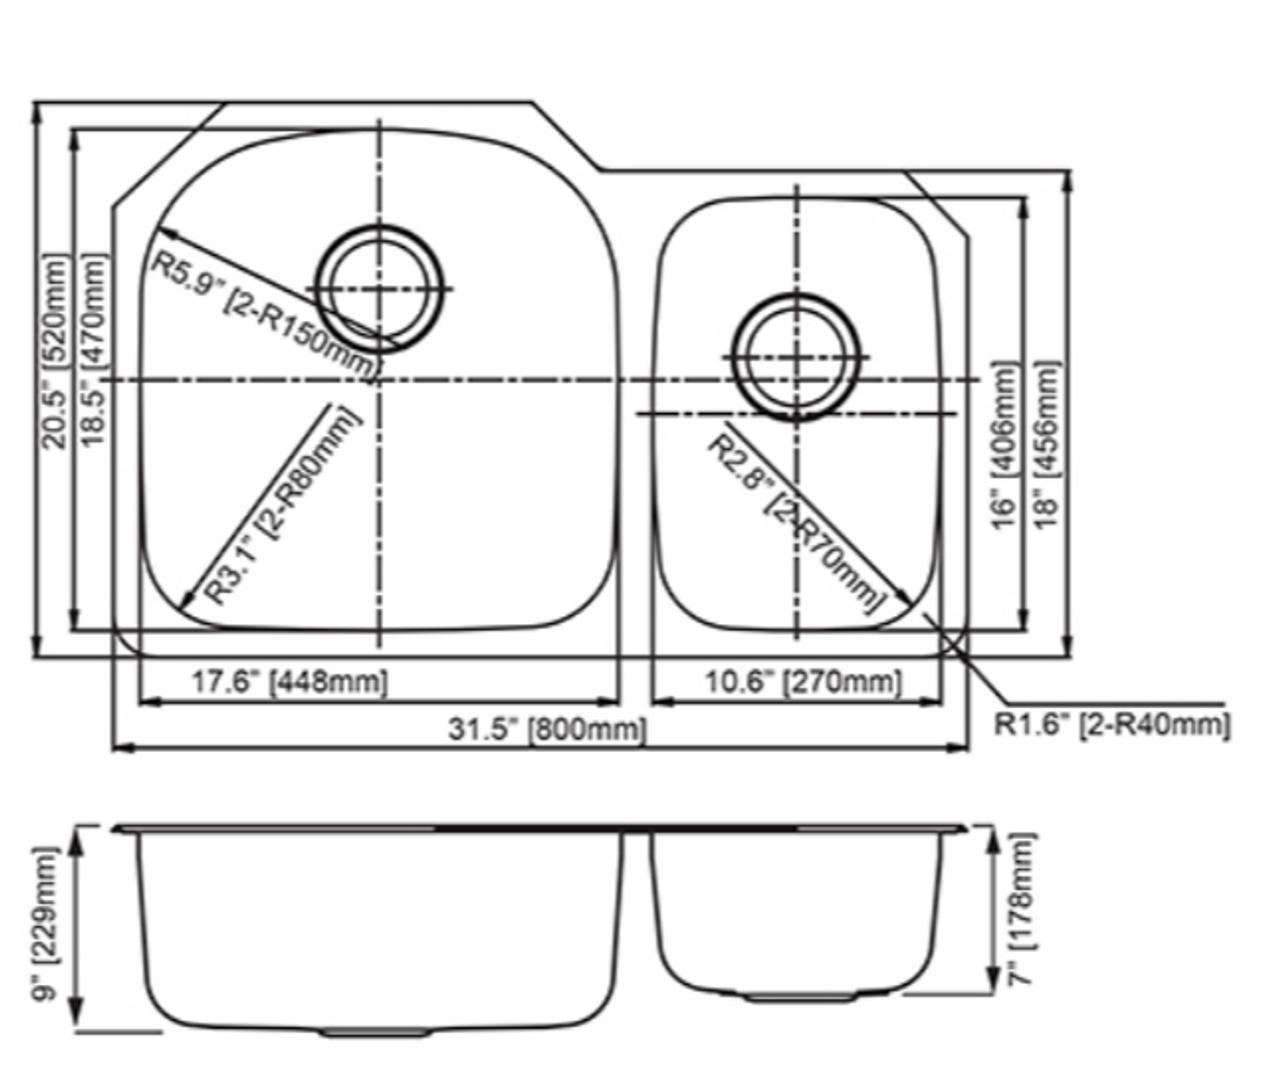 Dakota Genesis Series 70/30 18g Stainless Steel Sink